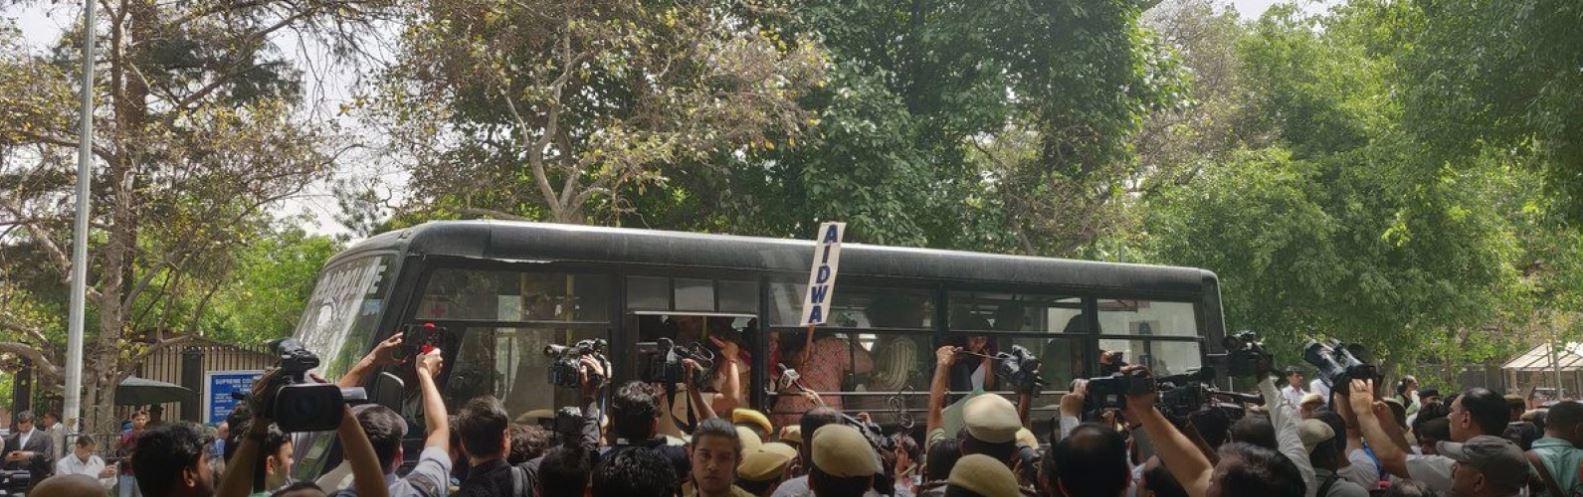 ಸಿಜೆಐಗೆ ಕ್ಲೀನ್ ಚಿಟ್ ವಿರೋಧಿಸಿ ಪ್ರತಿಭಟನೆ: ಸುಪ್ರೀಂ ಕೋರ್ಟ್ ಆವರಣದಲ್ಲಿ ಸೆಕ್ಷನ್ 144 ಜಾರಿ, ಬಂಧನ